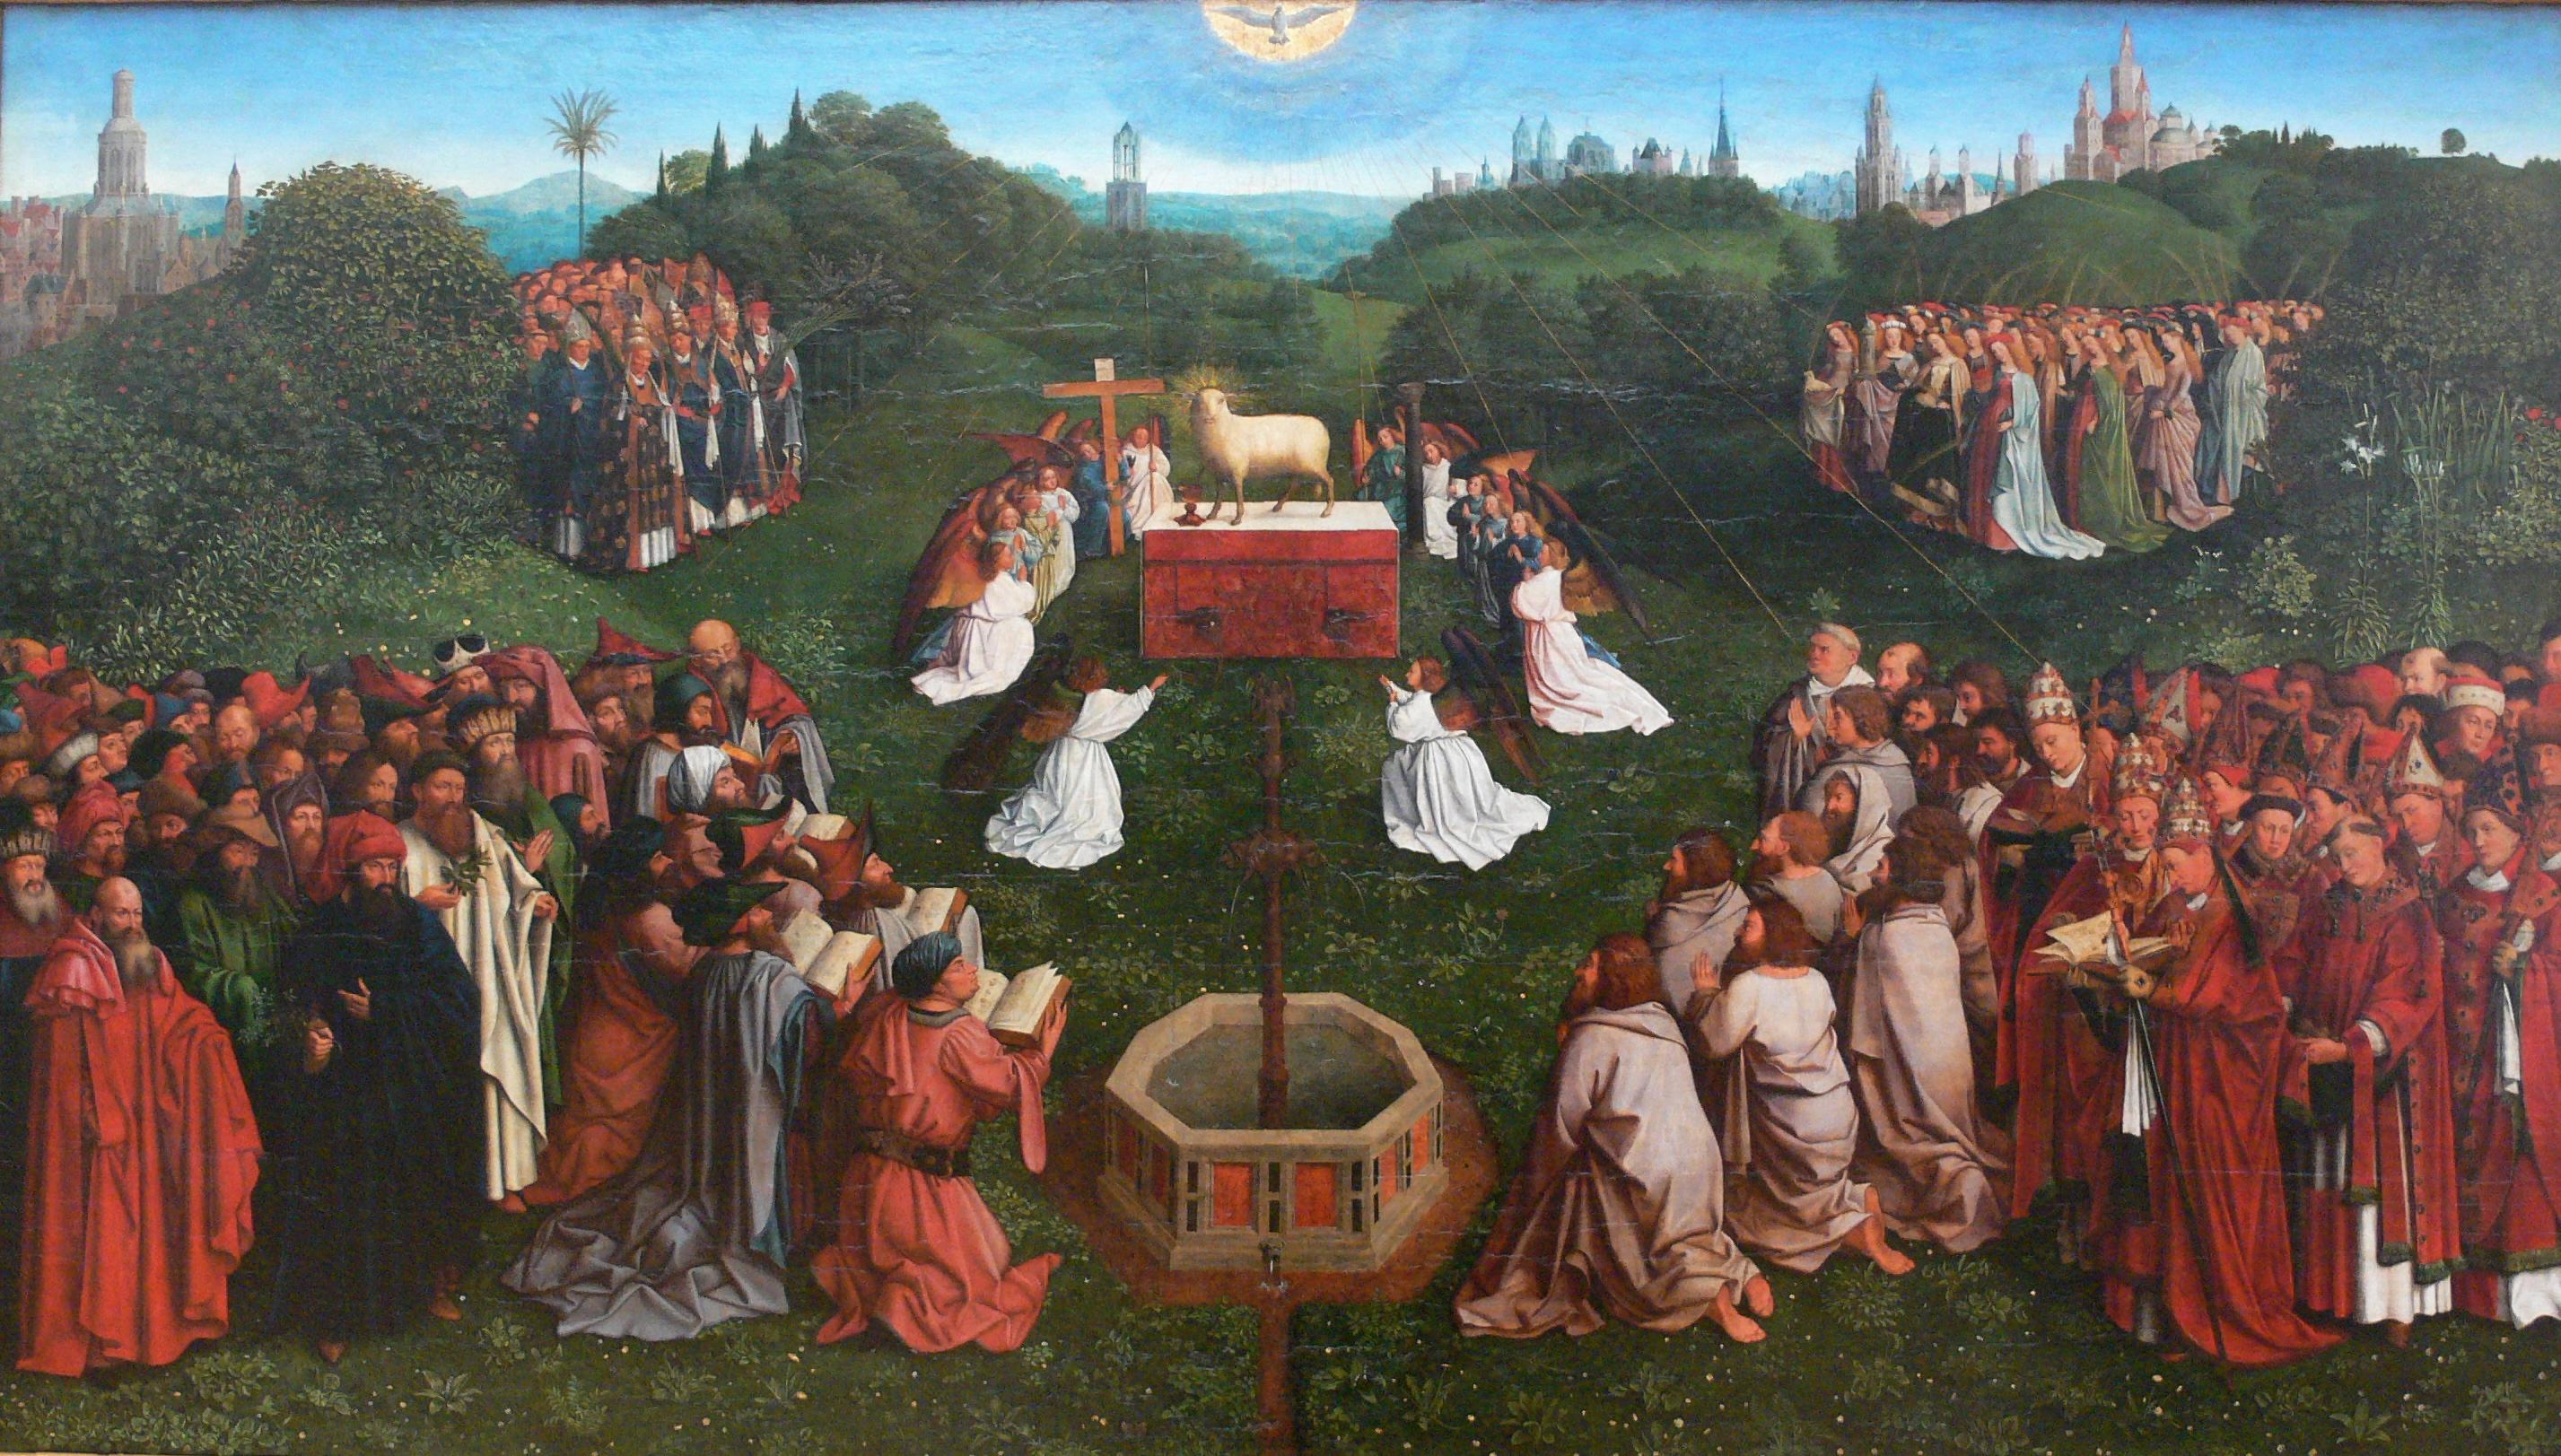 biographies of jan van eyck and hubert van eyck Hubert van eyck (maaseik, 1366 circa – gand, 18 settembre 1426) è stato un pittore fiammingo fratello di jan van eyck, si tratta di una figura semileggendaria, che sarebbe oggi completamente sconosciuta se non fosse per l'iscrizione elogiativa nella cornice del polittico dell'agnello mistico, in cui se ne esalta la bravura, anche in.